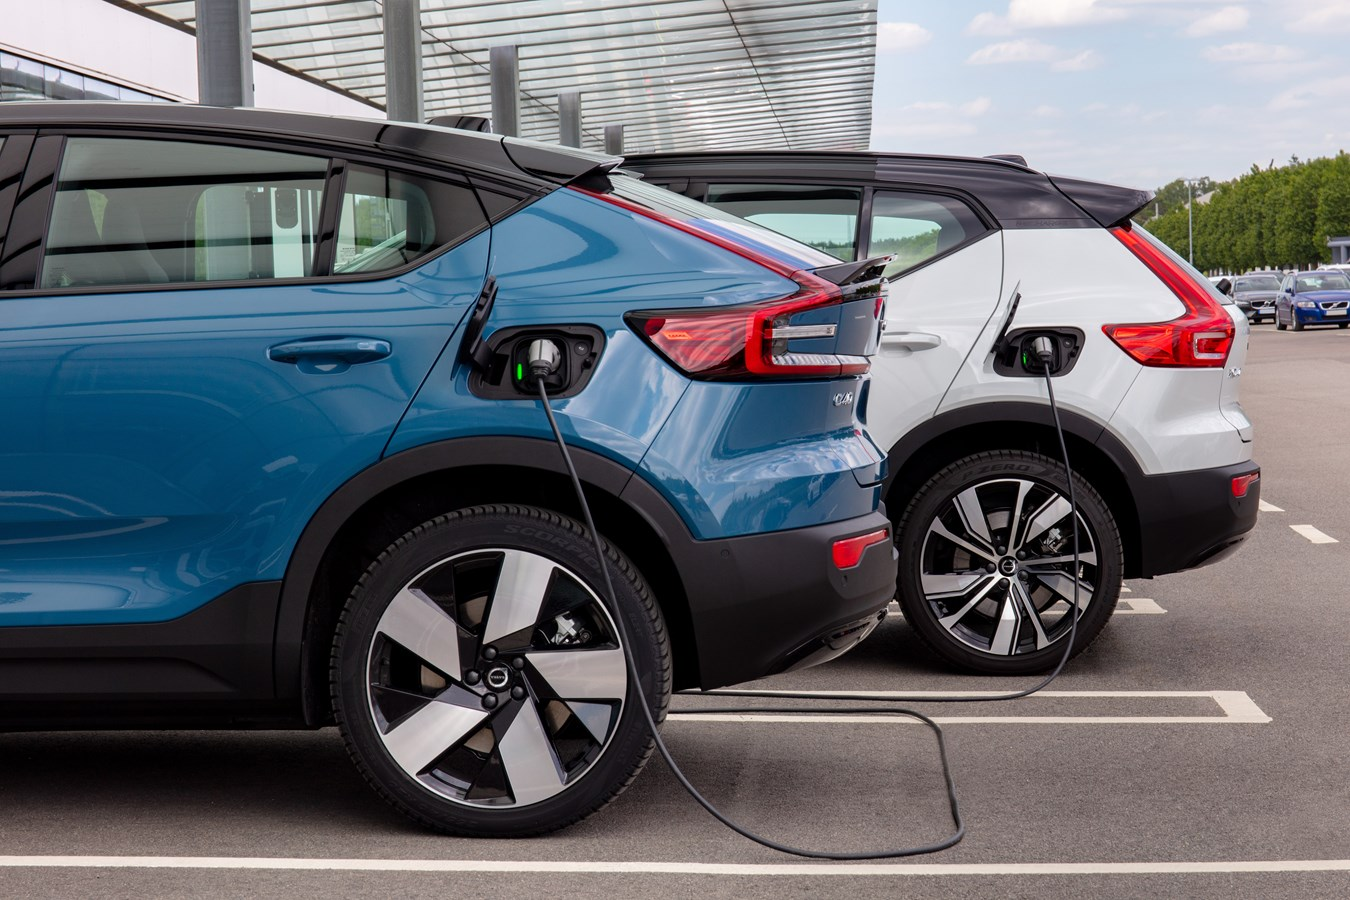 Volvo C40 et XC40 Recharge 100 % électriques  à une station de recharge